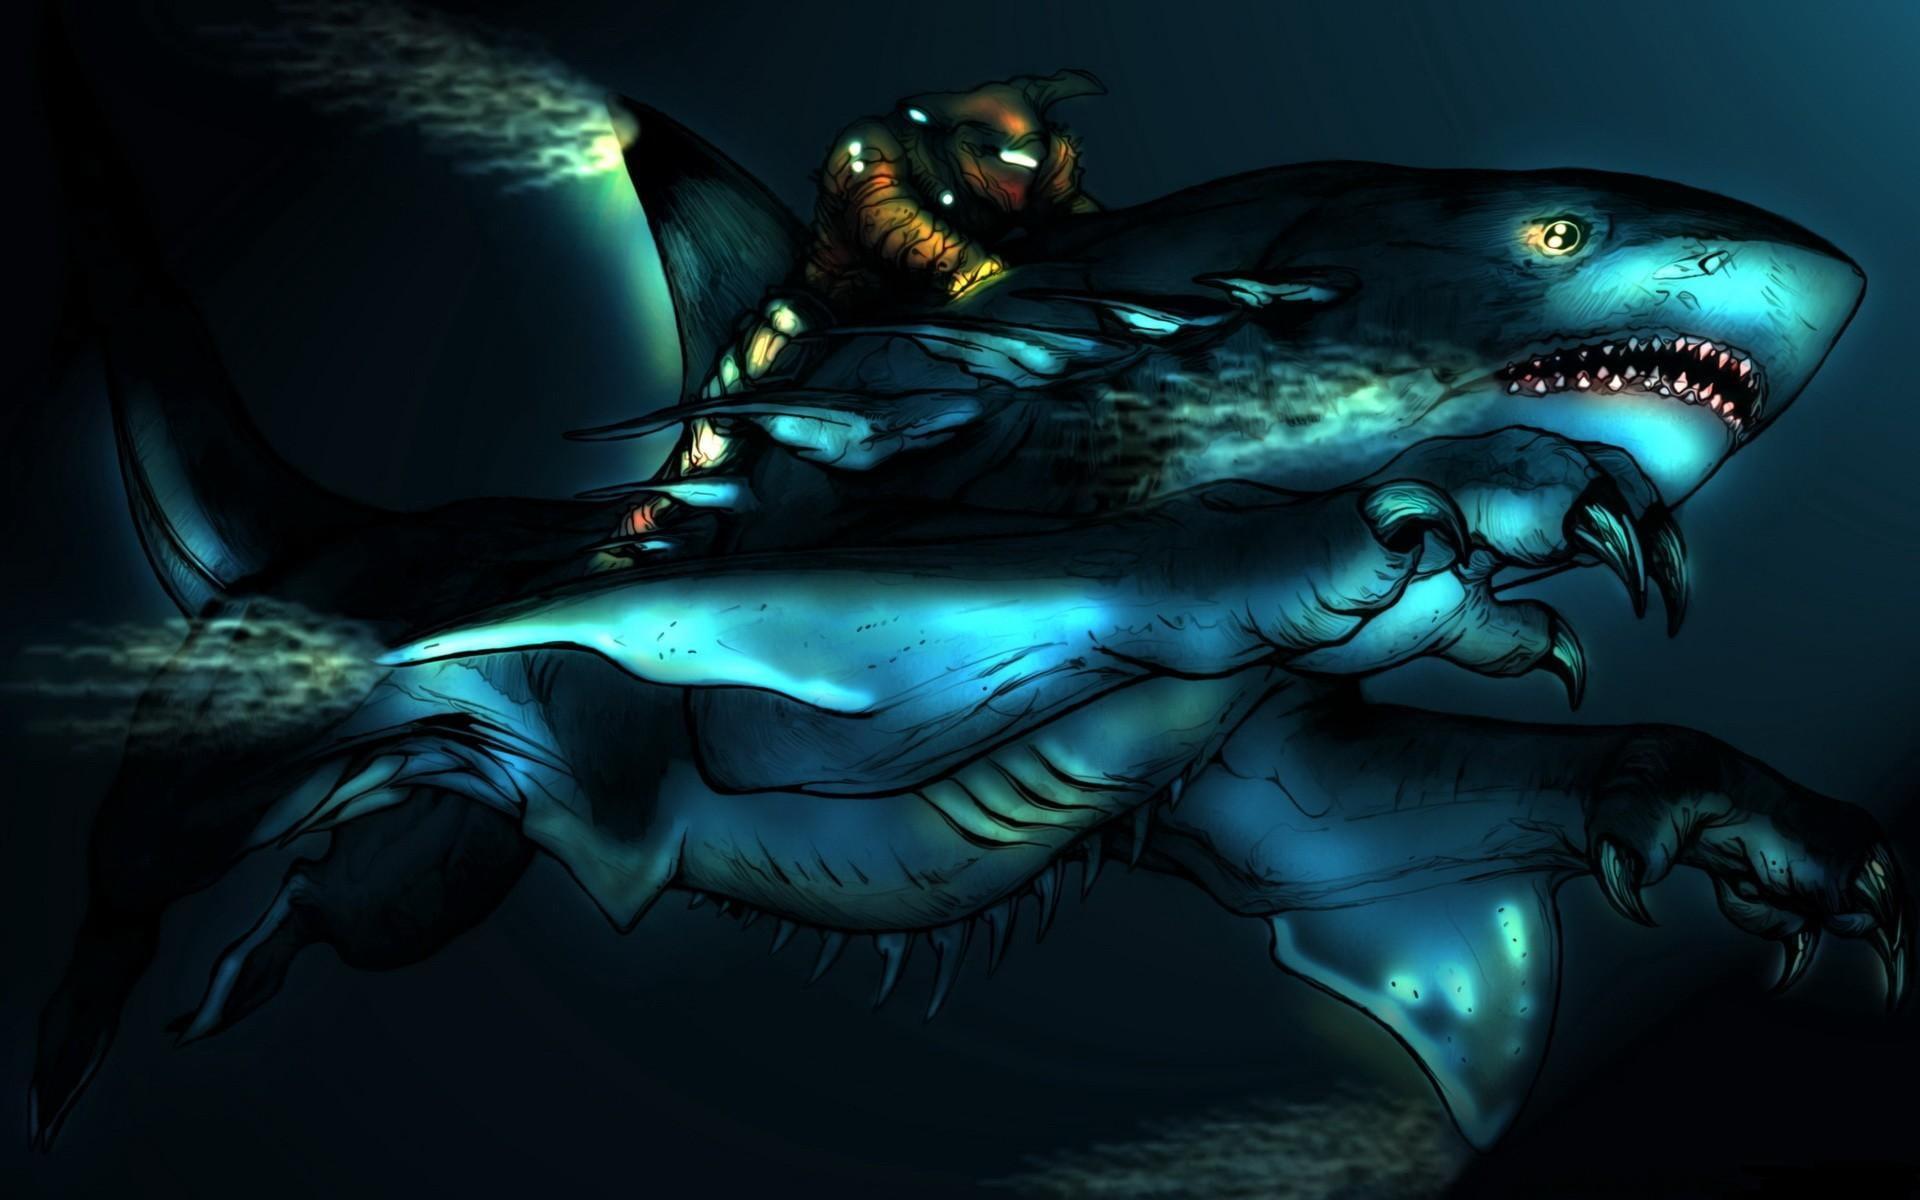 Humanoid shark illustration HD wallpaper Wallpaper Flare 1920x1200